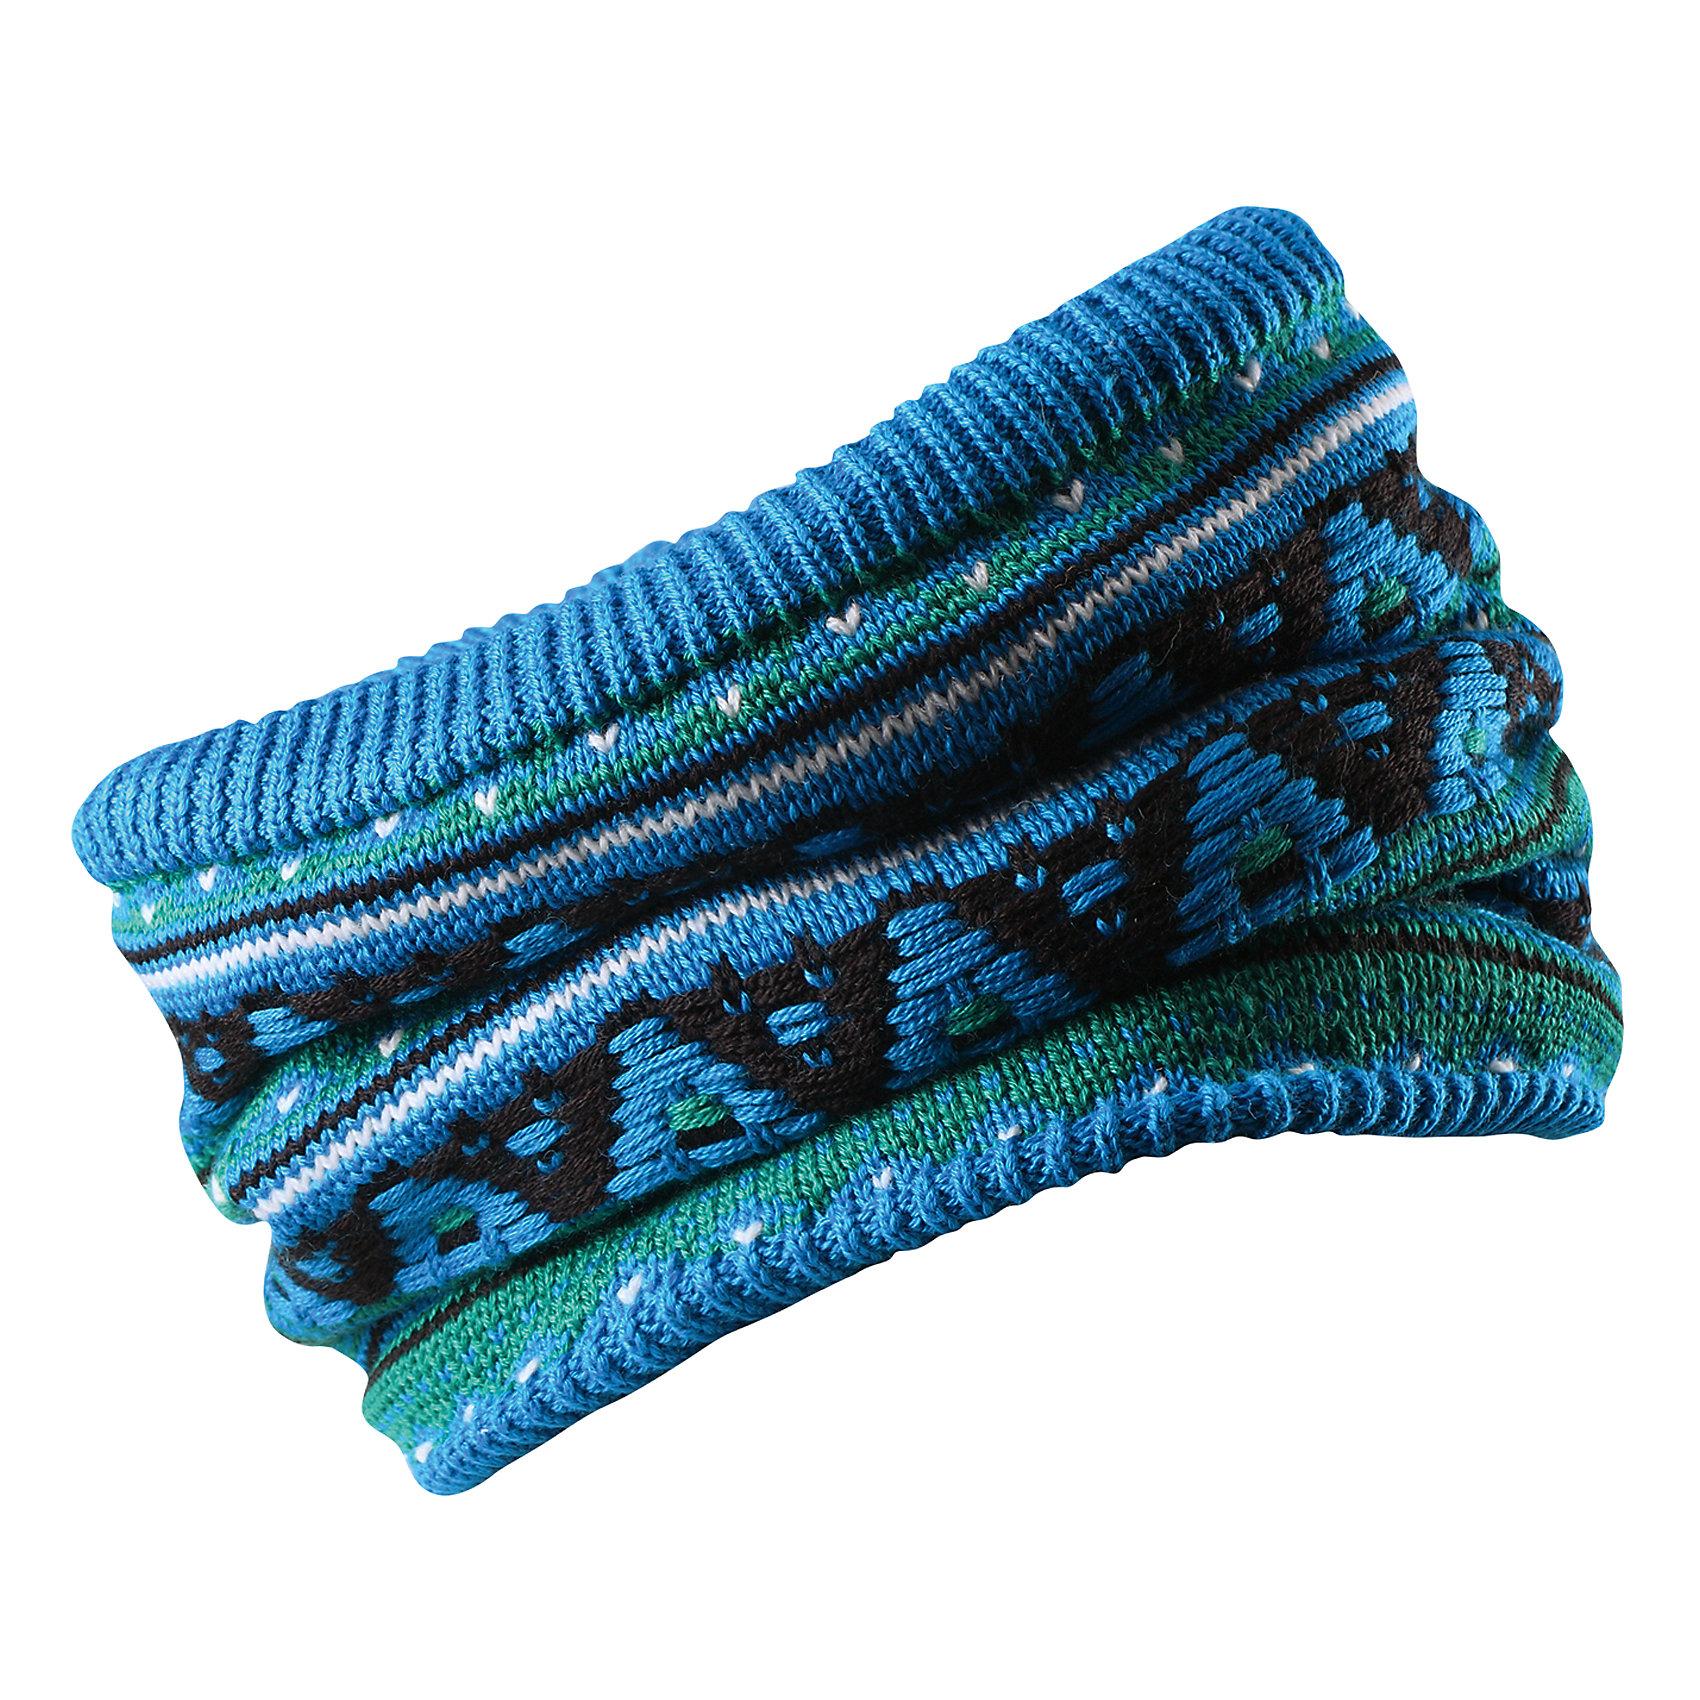 Шарф-хомут Reima SeedsШапки и шарфы<br>Характеристики товара:<br><br>• цвет: голубой;<br>• состав: 50% шерсть, 50% полиакрил; <br>• подкладка: 100% полиэстер, флис;<br>• сезон: зима;<br>• шерсть идеально поддерживает температуру;<br>• мягкая и теплая ткань из смеси шерсти;<br>• сплошная подкладка: мягкий теплый флис;<br>• страна бренда: Финляндия;<br>• страна изготовитель: Китай;<br><br>Детская горловина, или шарф-хомут, очень удобна – просто наденьте ее на шею, и прогулка будет теплой и приятной. Шерсть – превосходный терморегулятор, а нежный флис делает подкладку очень мягкой и приятной на ощупь. Этот универсальный шарф можно надевать на голову как повязку для защиты волос и ушей или даже носить как шапку. Сплошная жаккардовая узорная вязка придаст изюминку вашему образу.<br><br>Шарф-хомут Reima Huuhkain (Рейма) можно купить в нашем интернет-магазине.<br><br>Ширина мм: 88<br>Глубина мм: 155<br>Высота мм: 26<br>Вес г: 106<br>Цвет: синий<br>Возраст от месяцев: 72<br>Возраст до месяцев: 84<br>Пол: Унисекс<br>Возраст: Детский<br>Размер: 54/56,50/52<br>SKU: 6906670